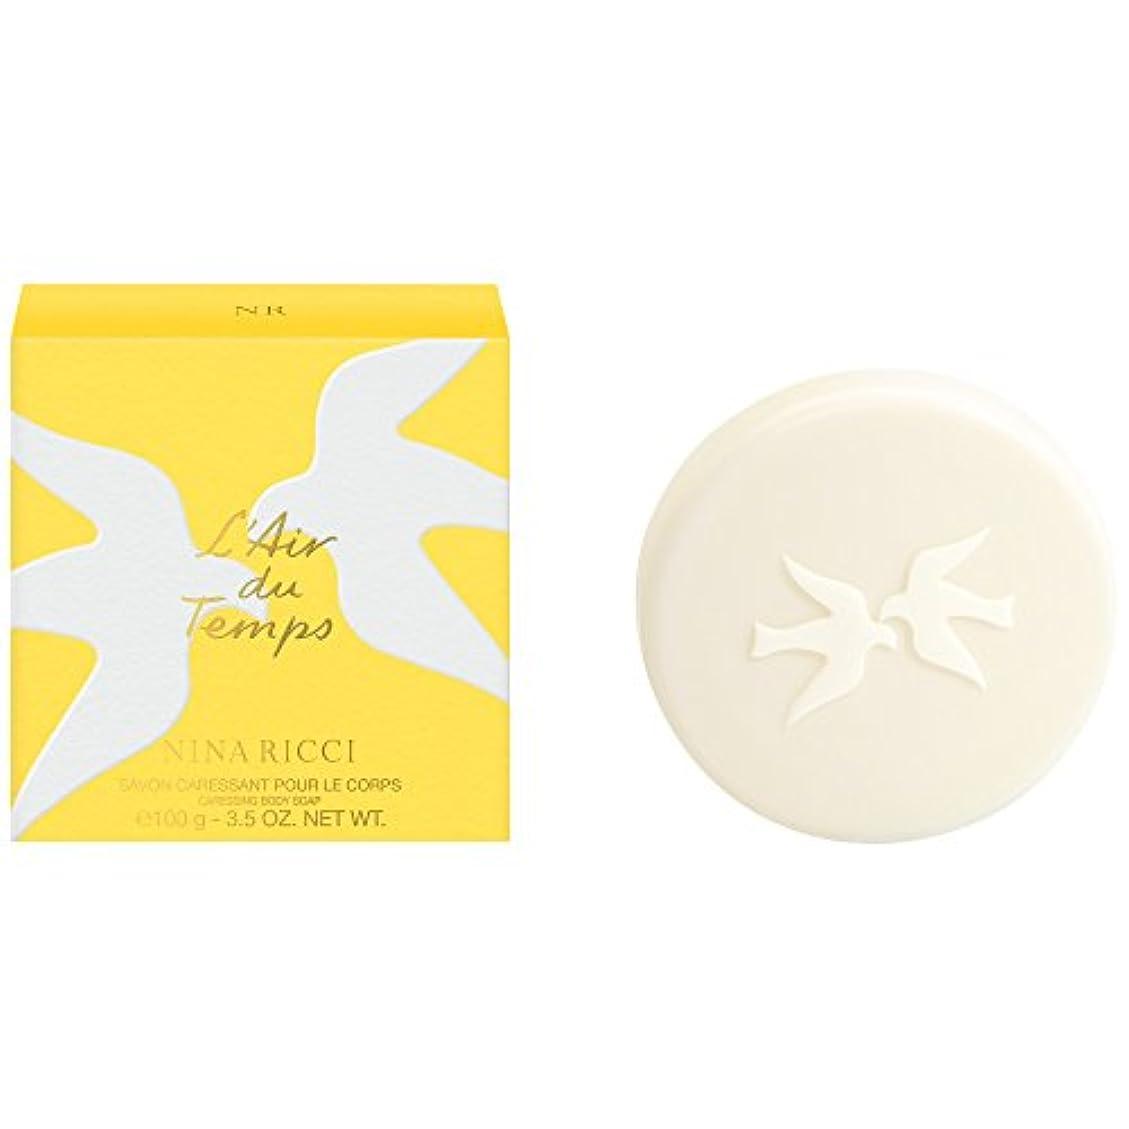 ニッケル例聖なるニナリッチL'空気デュは石鹸の100グラムをタン (Nina Ricci) (x6) - Nina Ricci L'Air du Temps Soap 100g (Pack of 6) [並行輸入品]